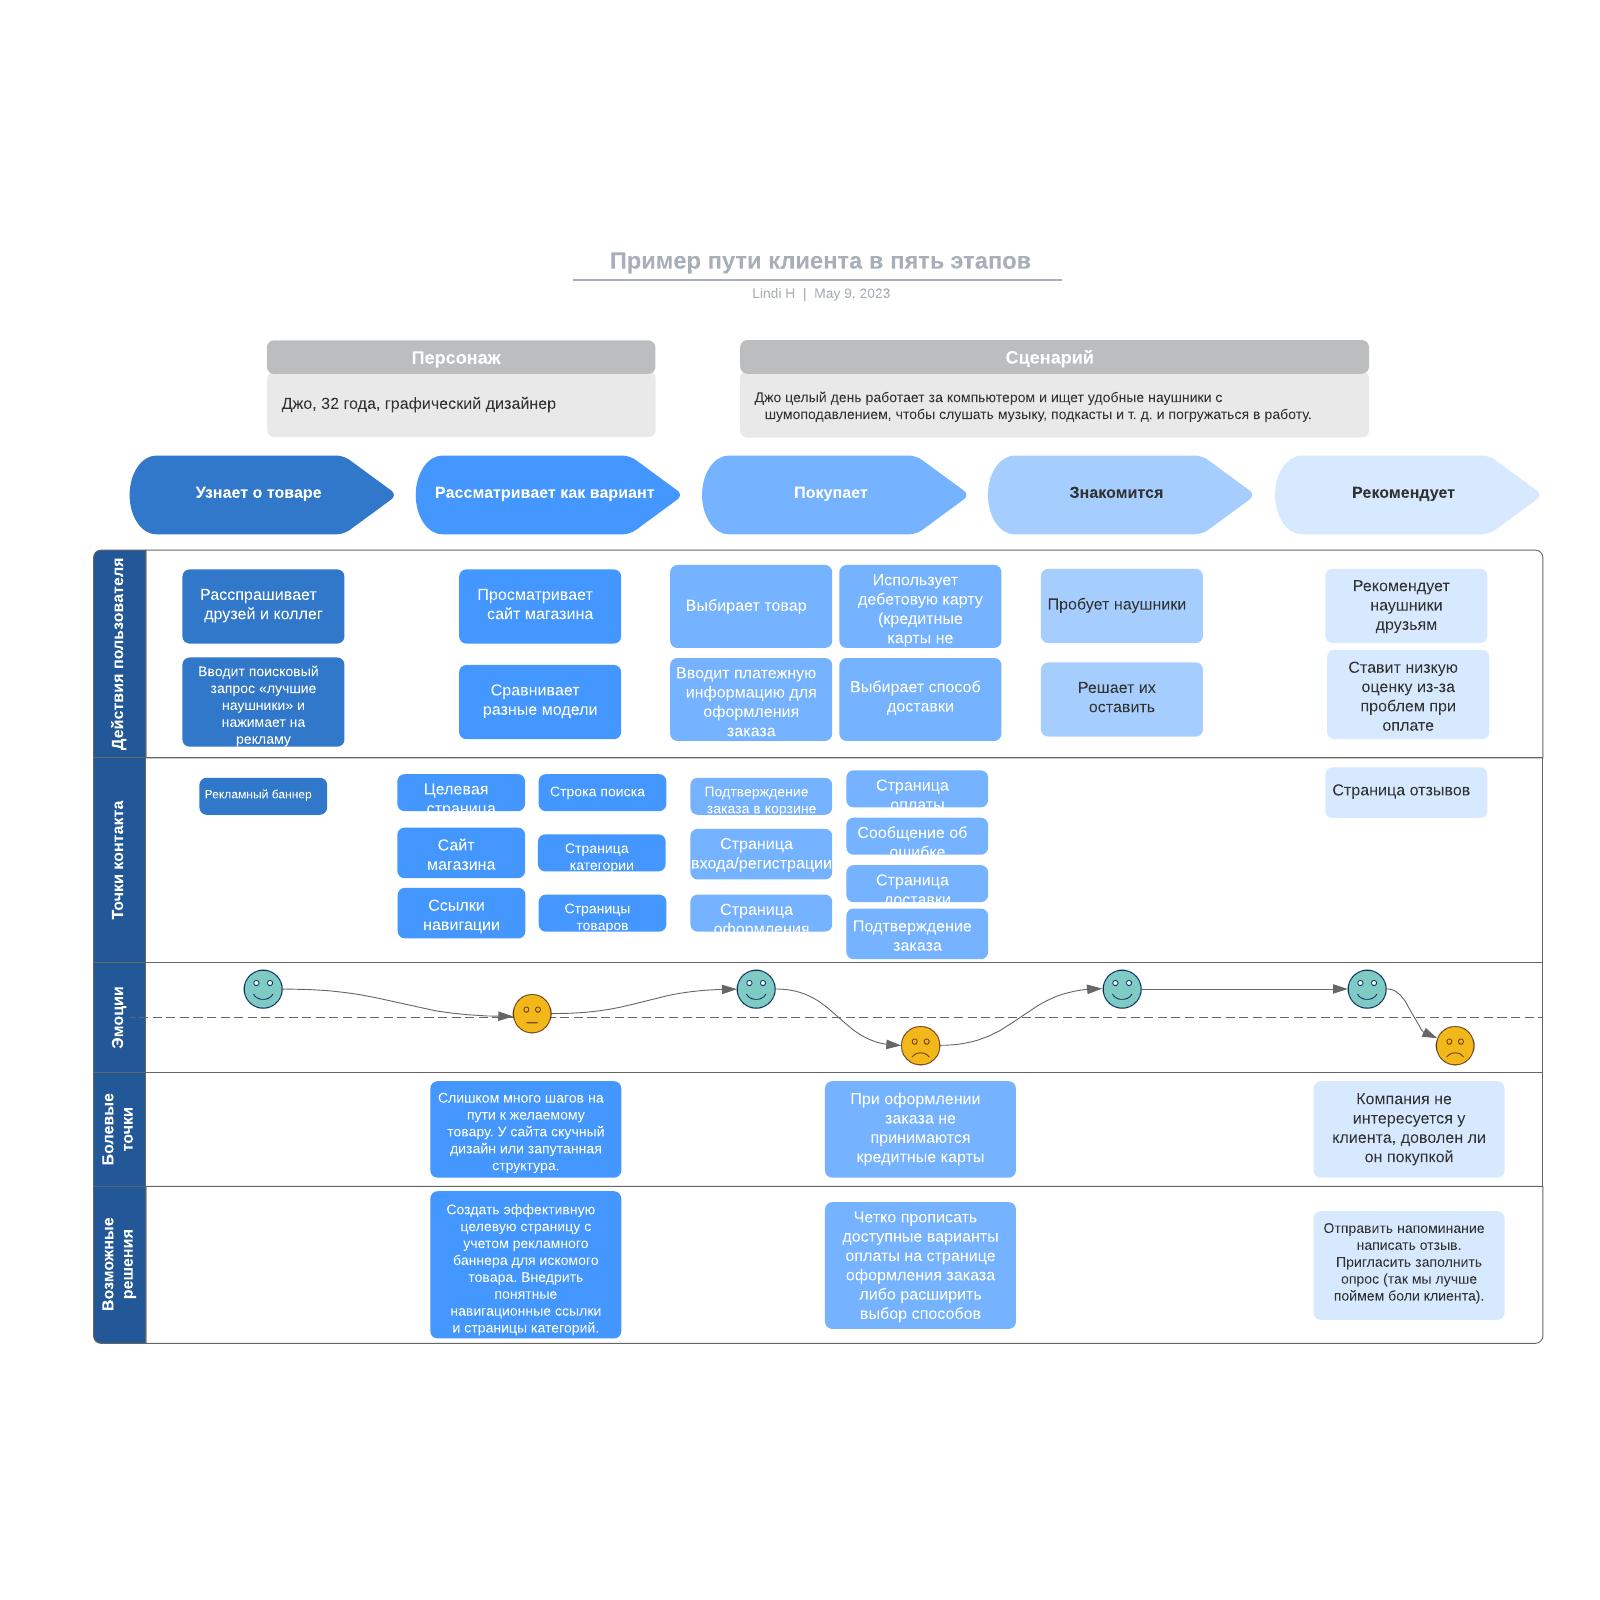 Пример пути клиента в пять этапов